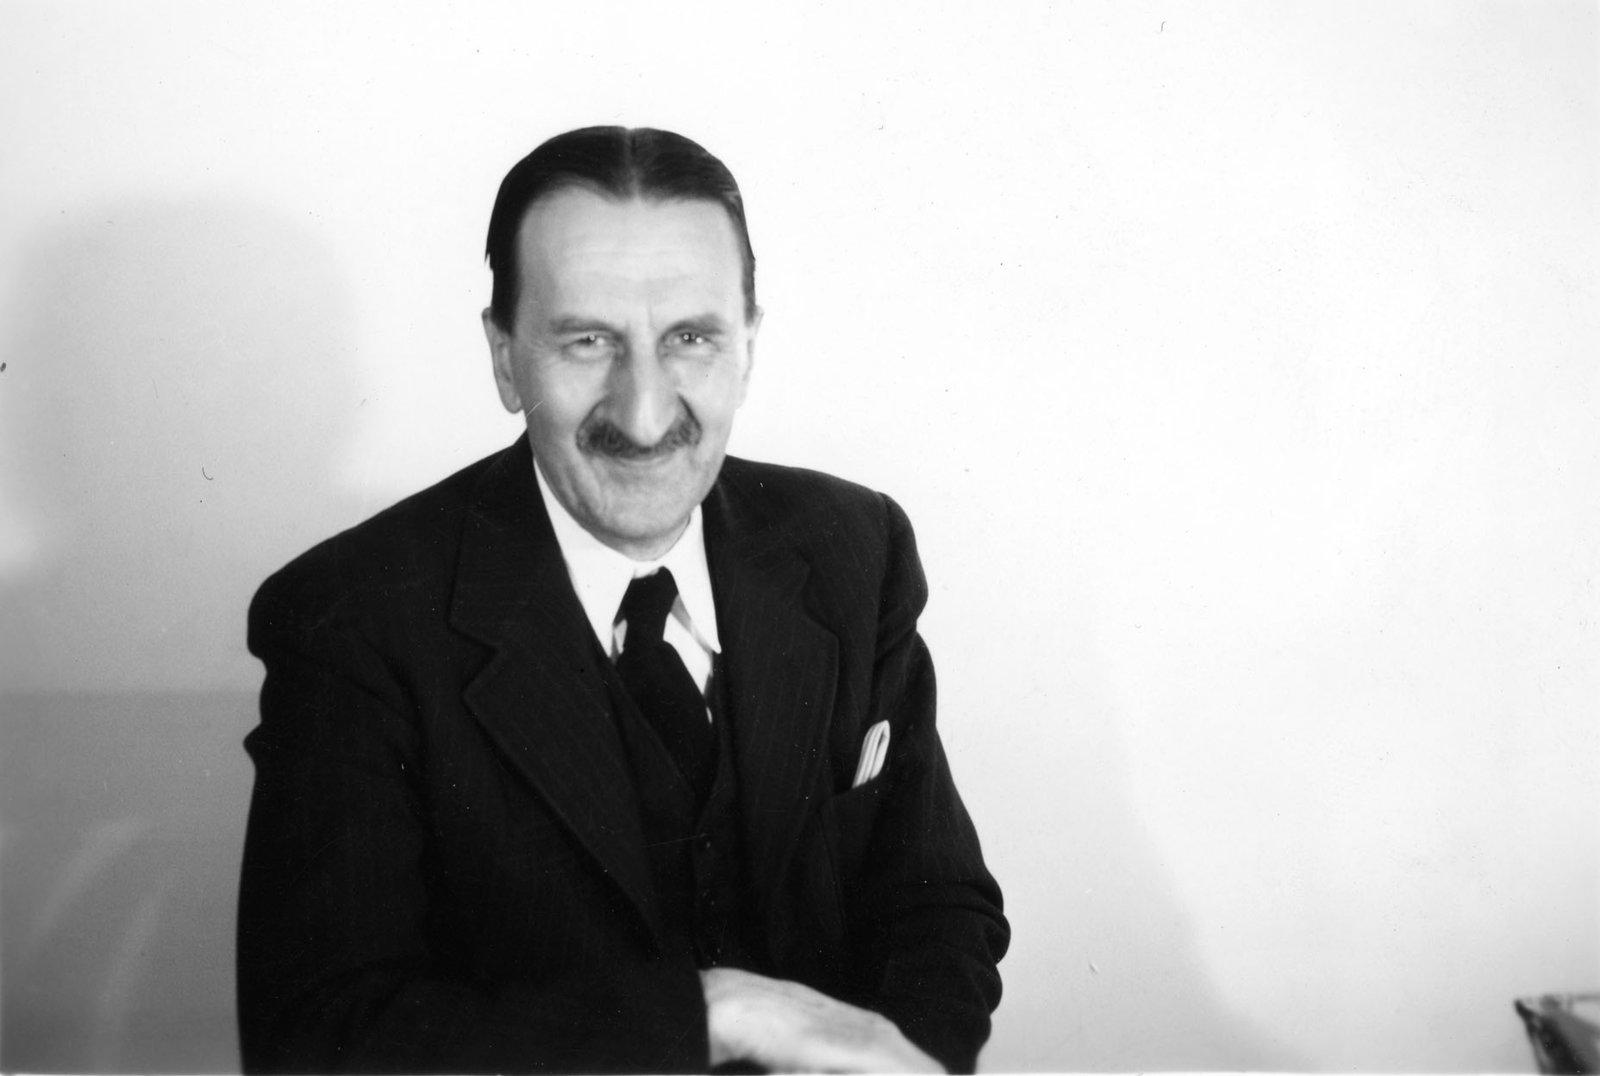 Leon Irschick